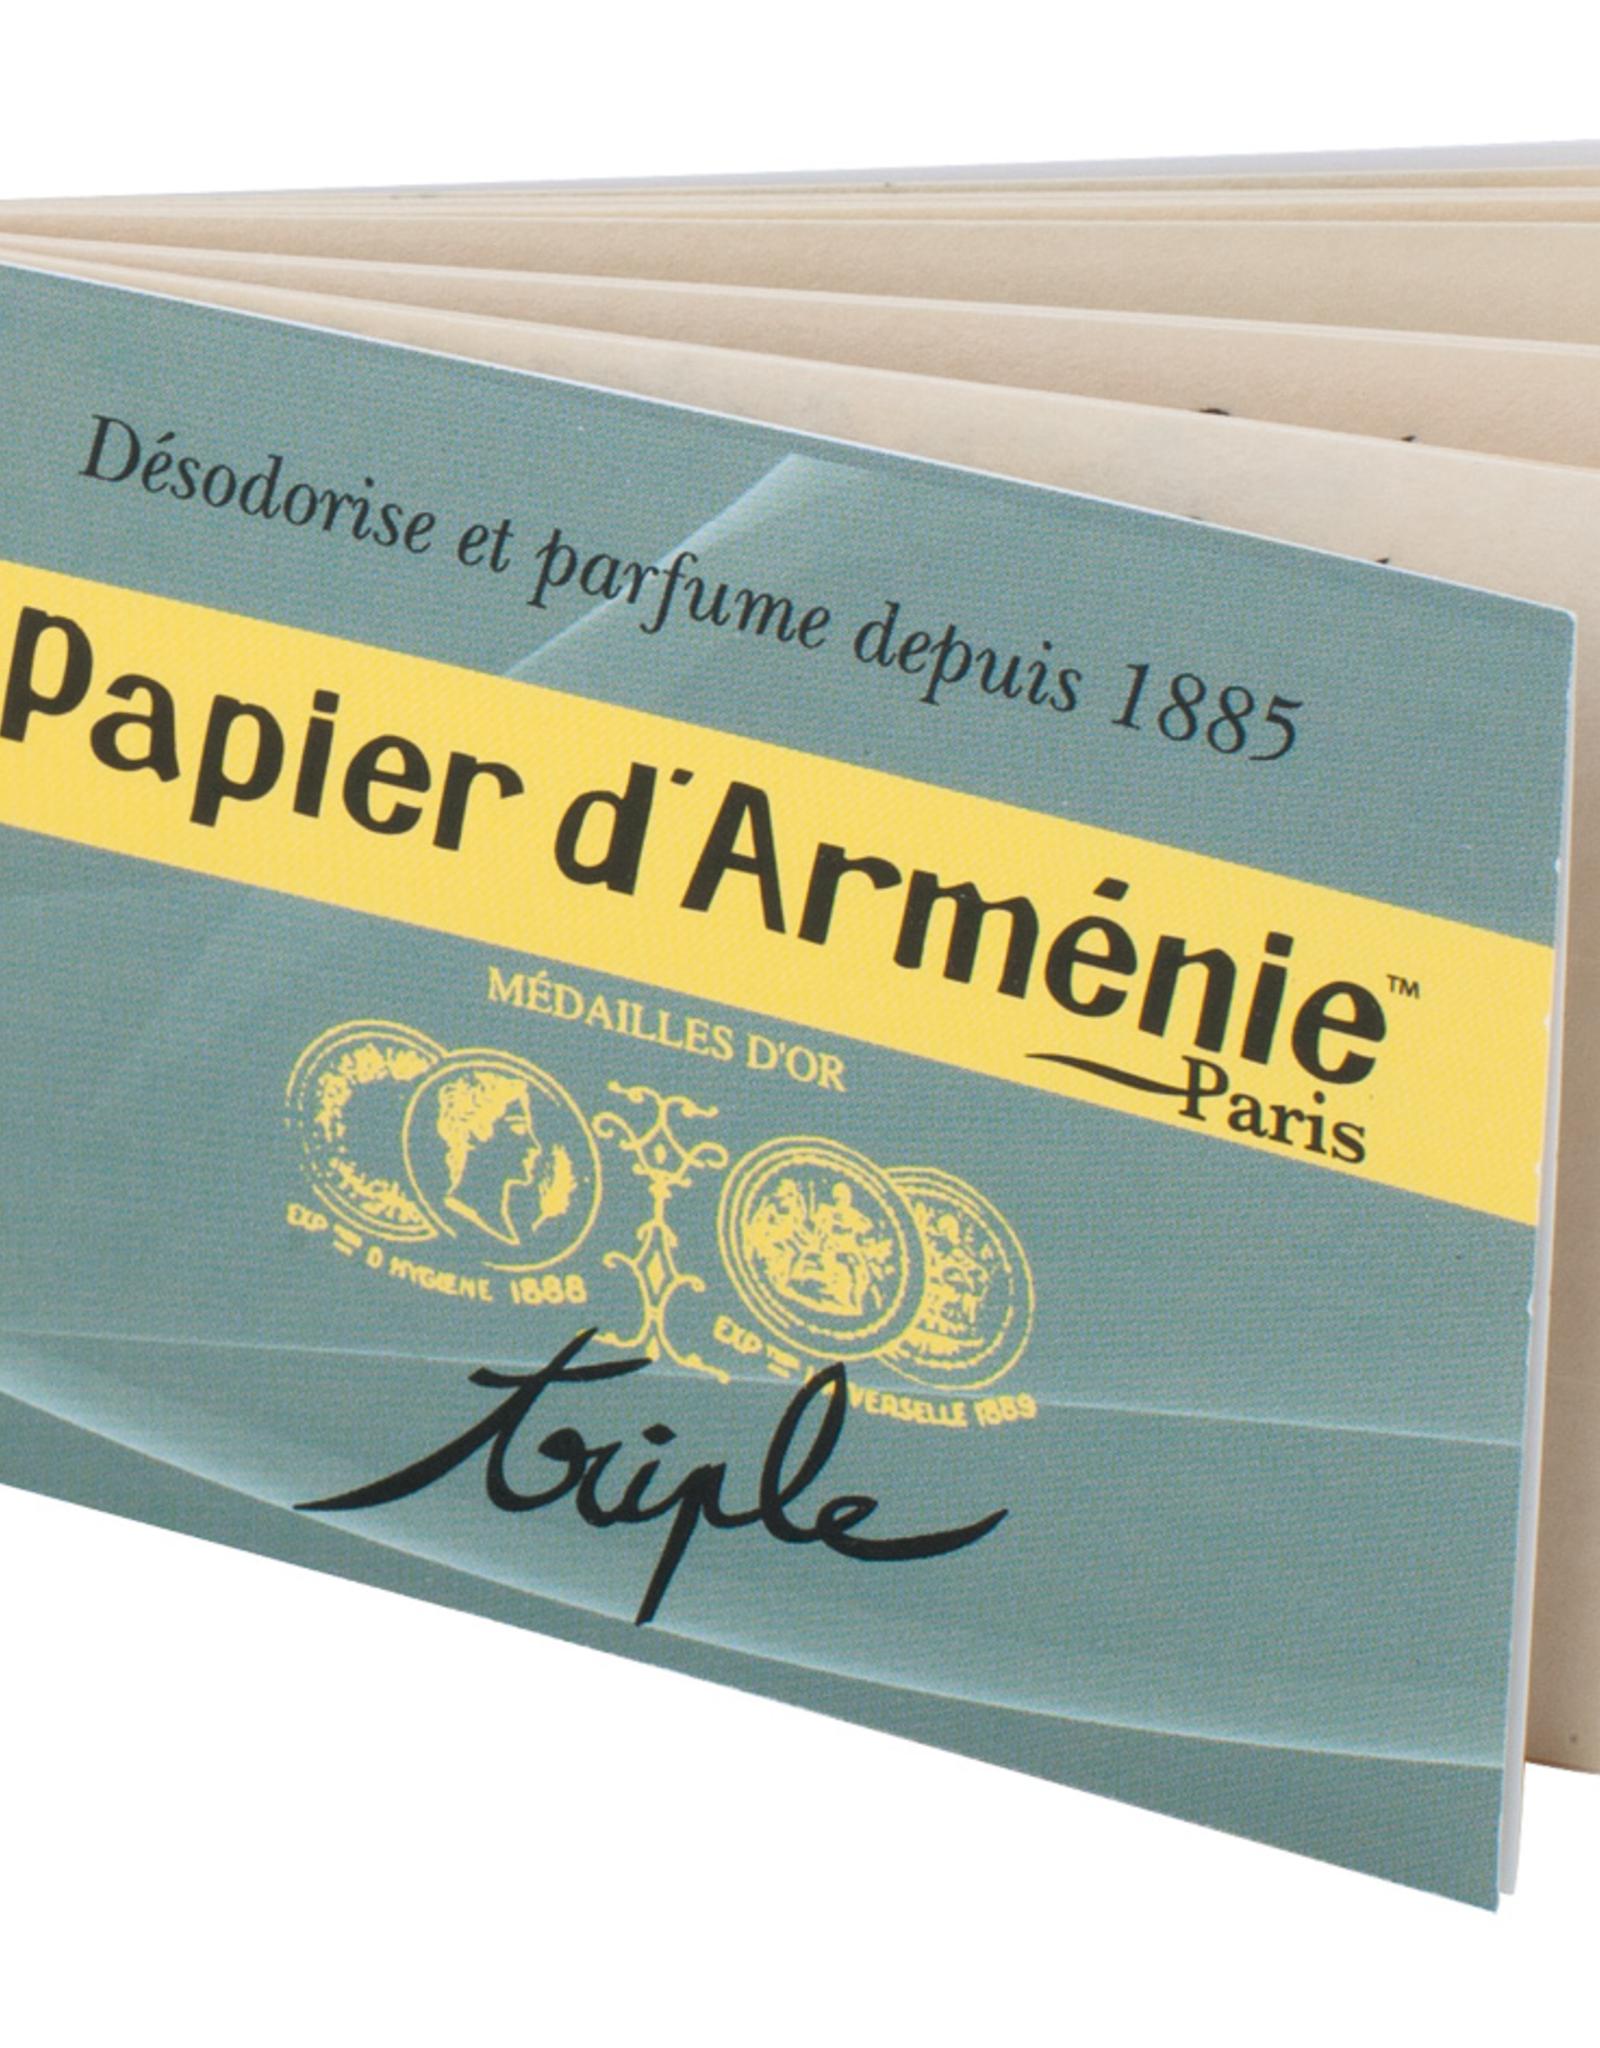 Redecker Redecker Air Freshenening Papers